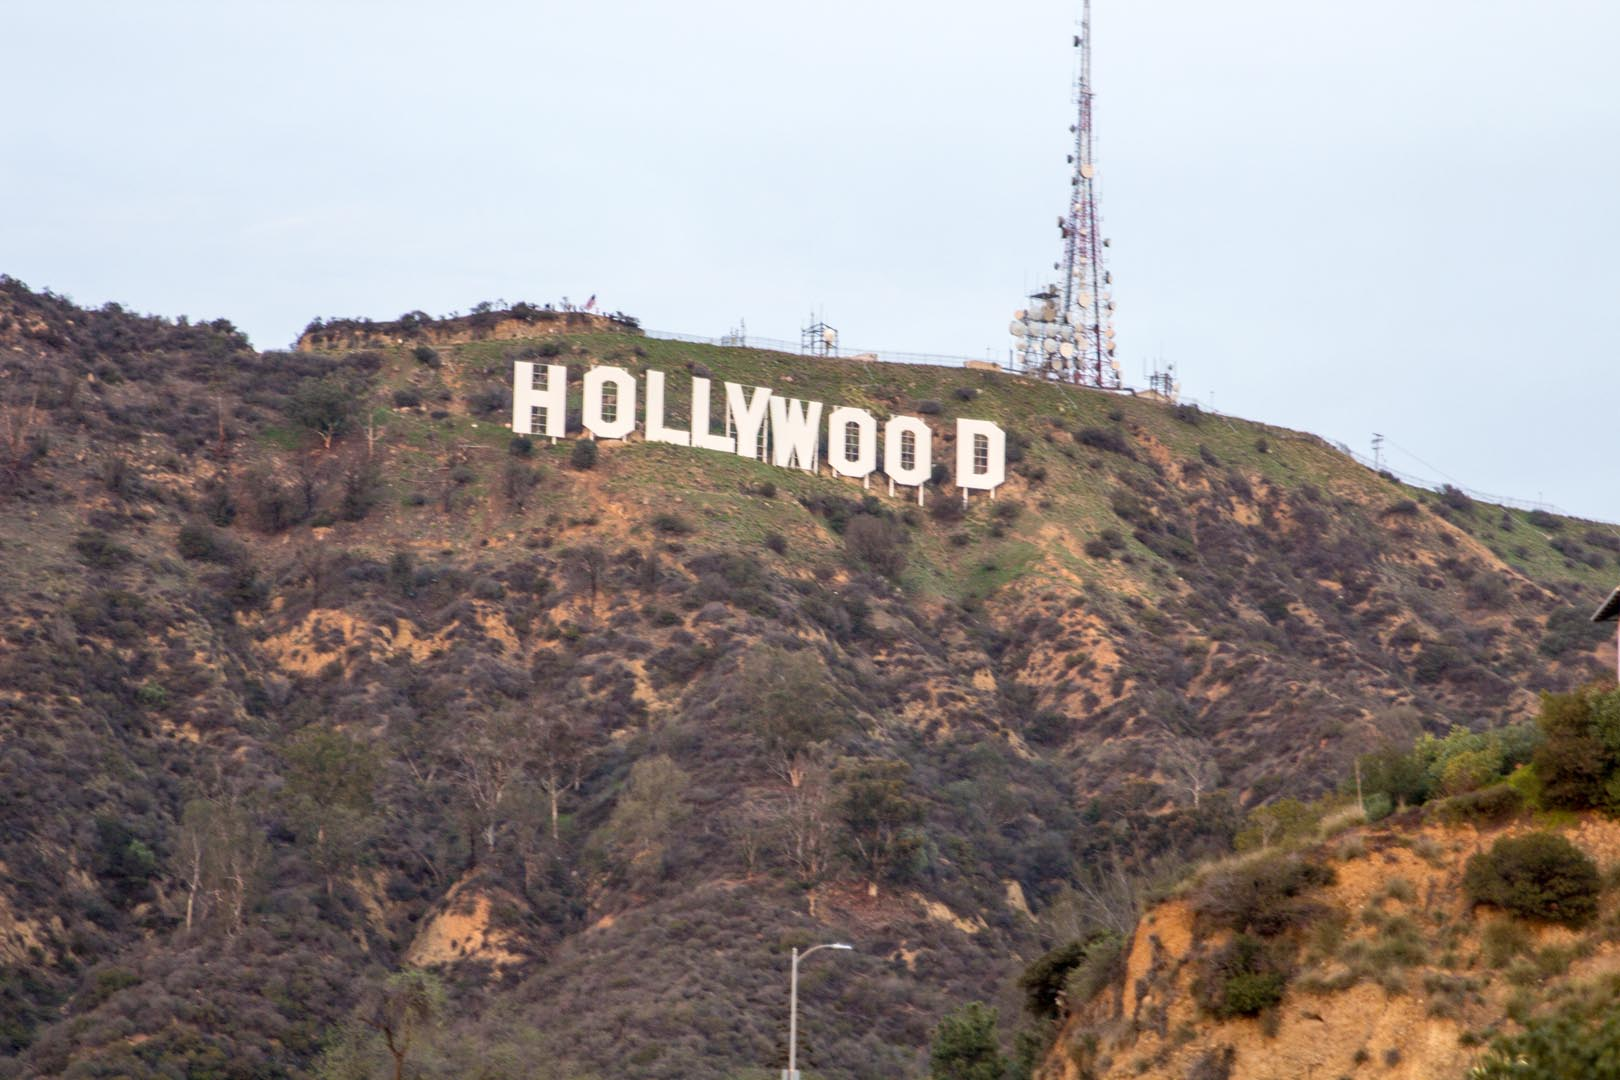 Hollywood 2017-63.jpg